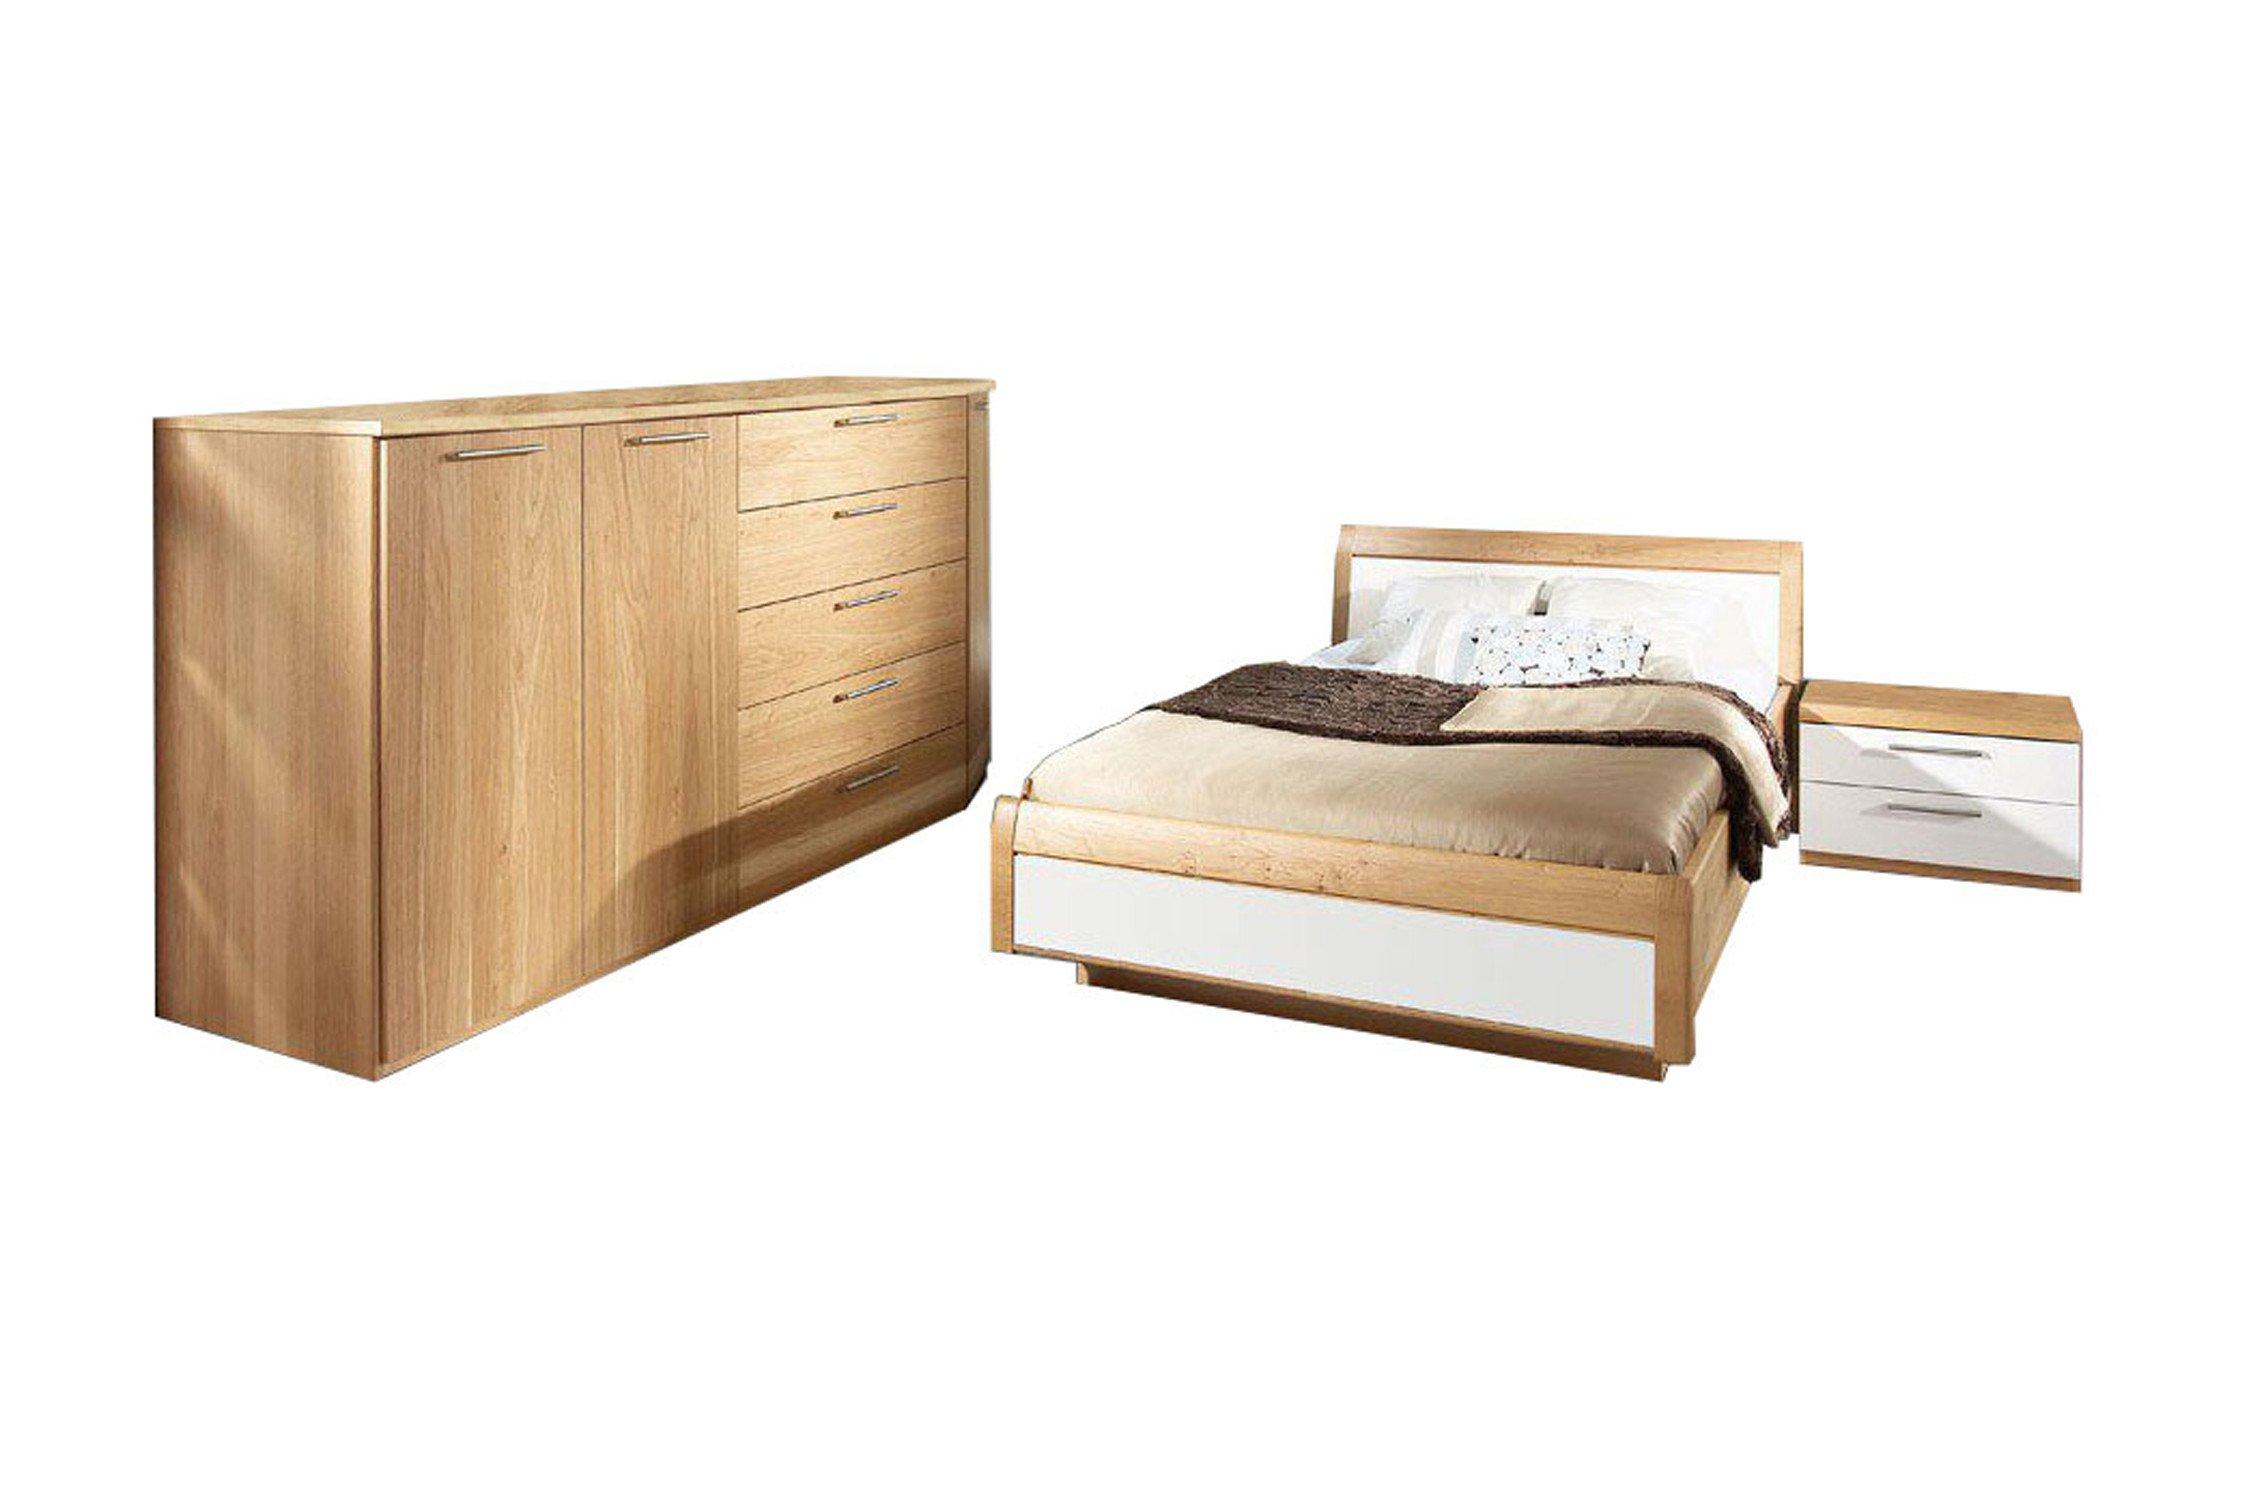 Disselkamp Comfort-V Schlafzimmer Schrankkommode | Möbel Letz - Ihr ...